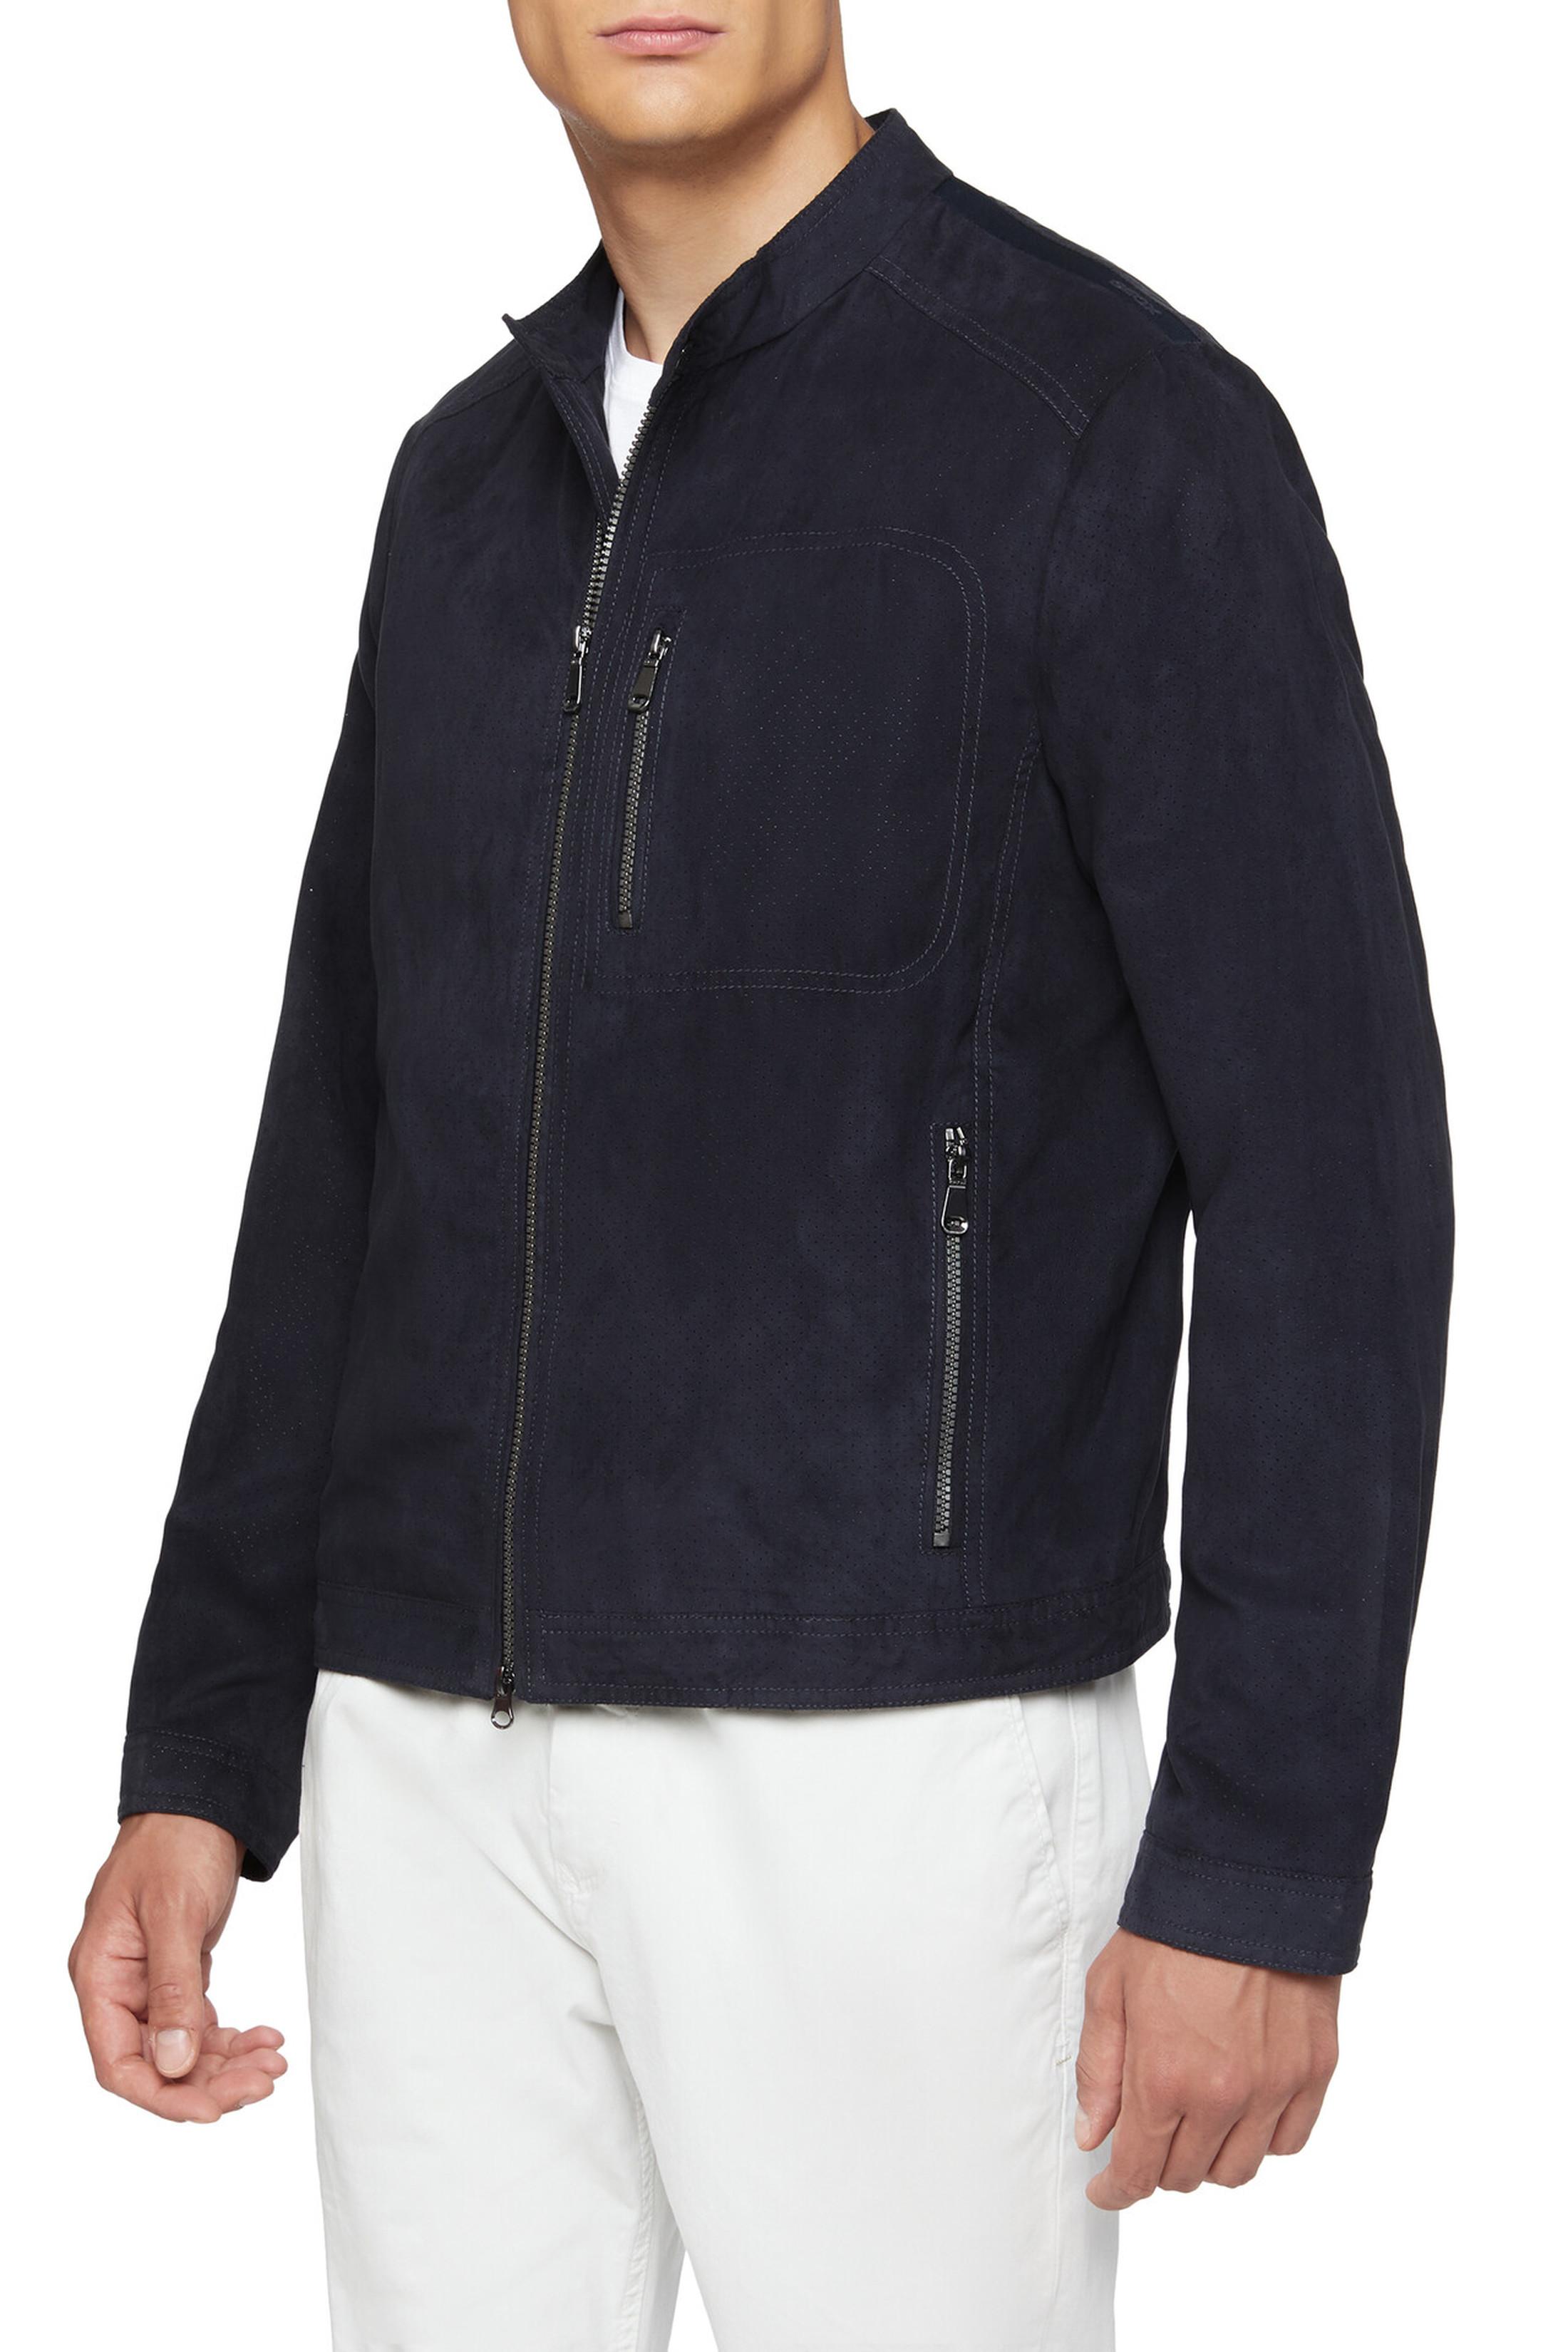 Geox Coat Blainey Biker Navy foto 6